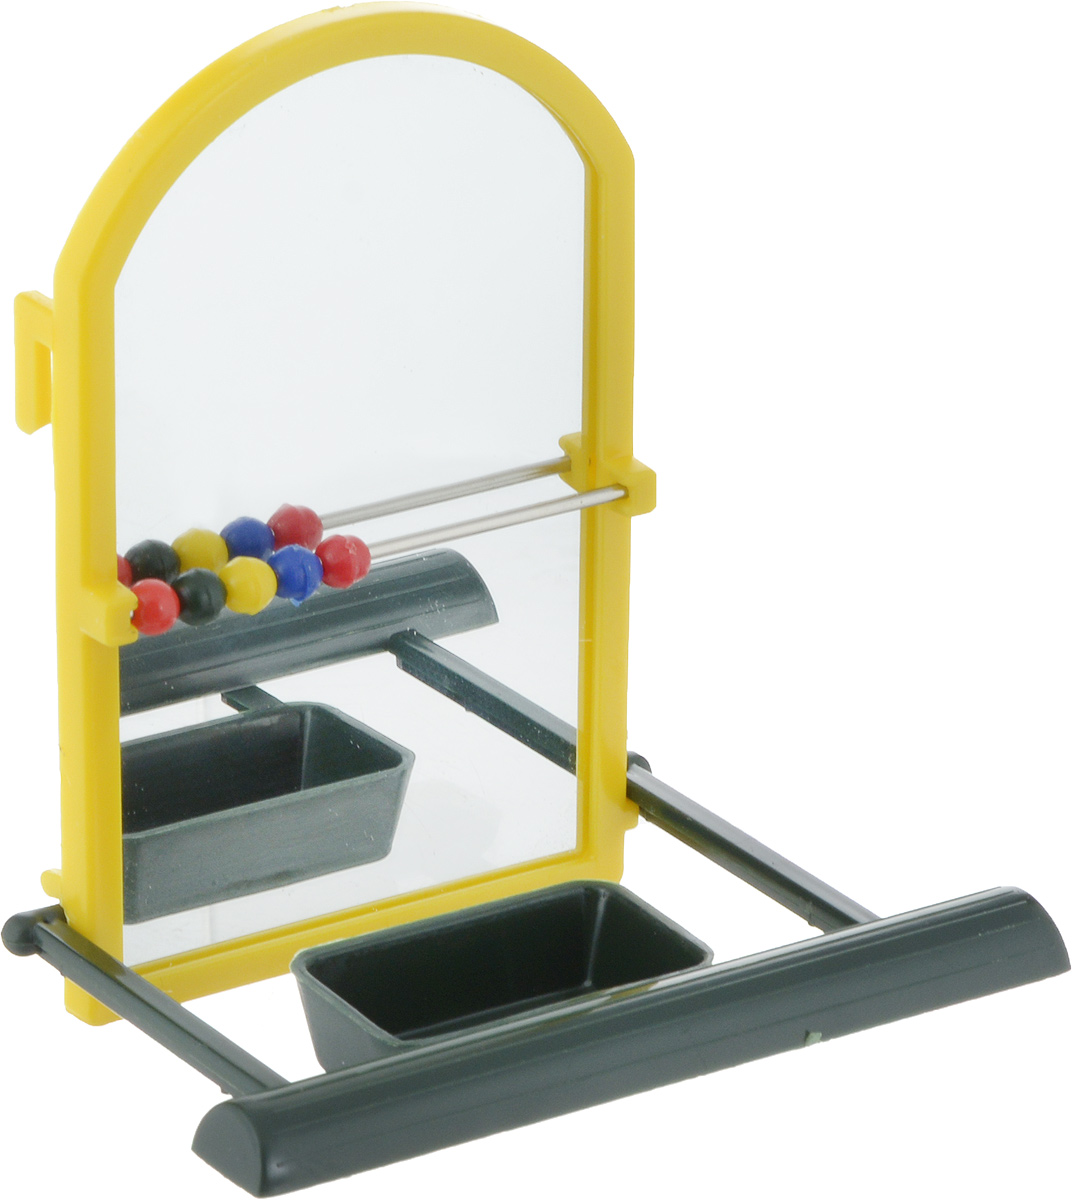 Игрушка для попугая Trixie Зеркало, с жердочкой, цвет: желтый, 9 см